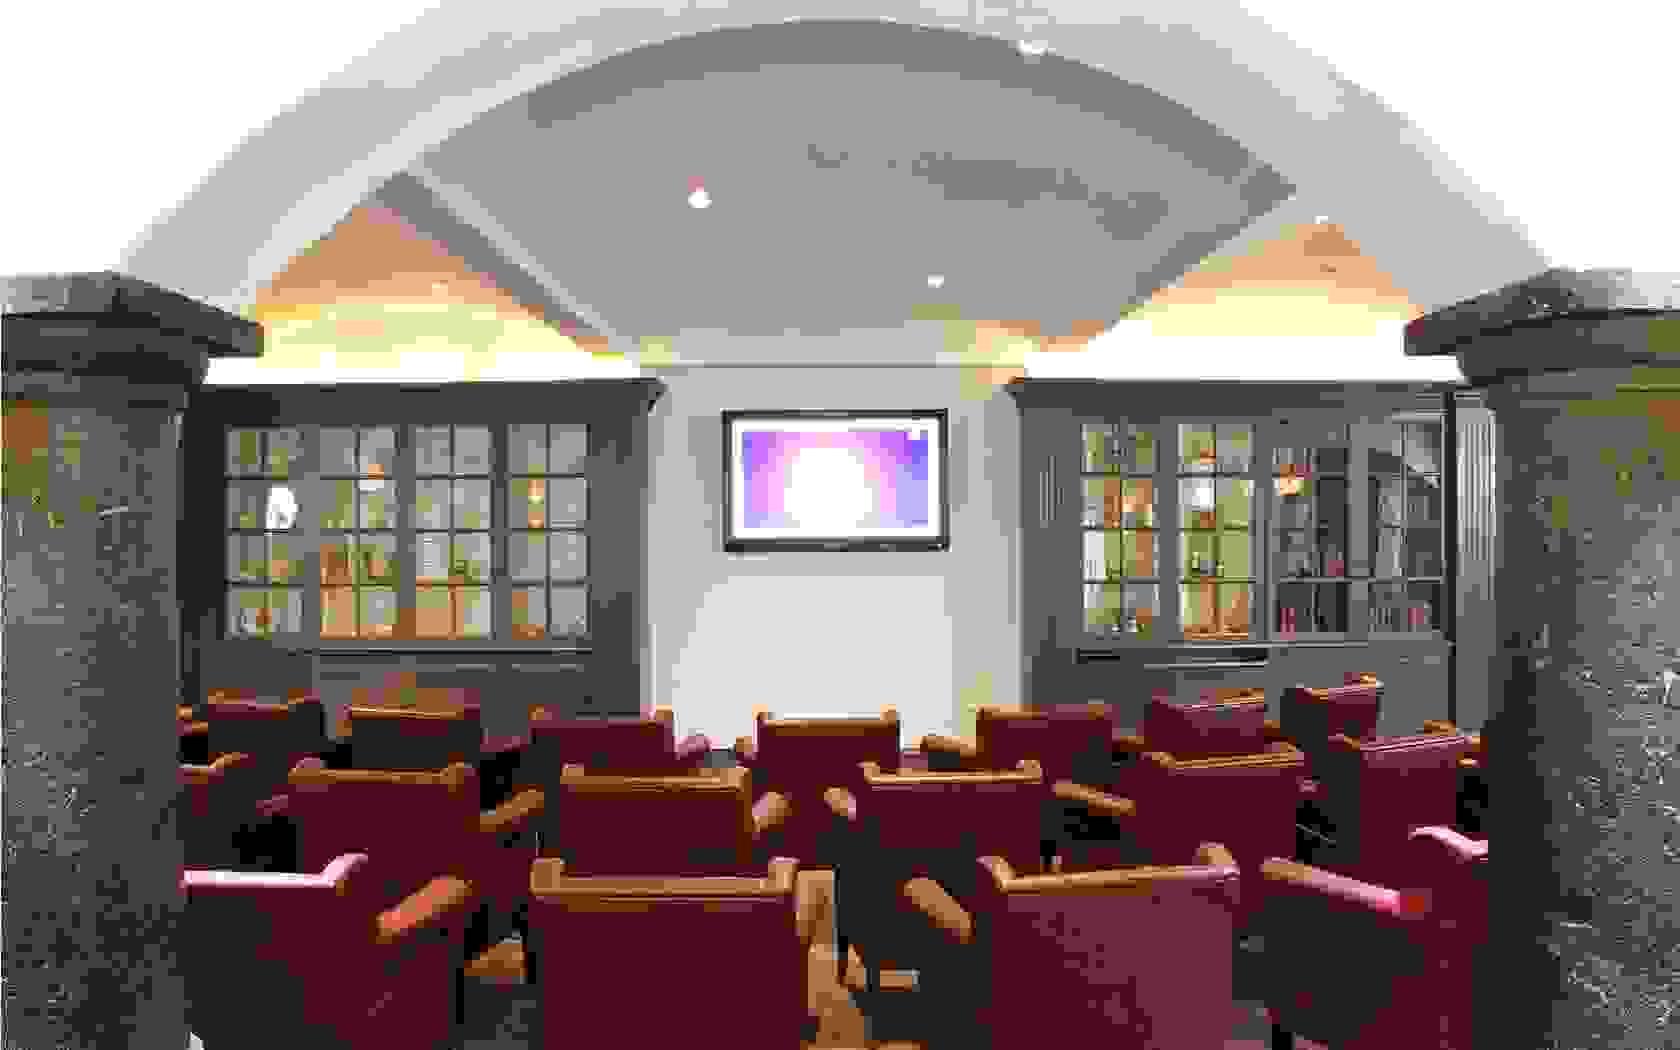 vergadering Kortenaken - Een oogverblindende locatie voor een vergadering vlak bij Kortenaken - De Waterhoek